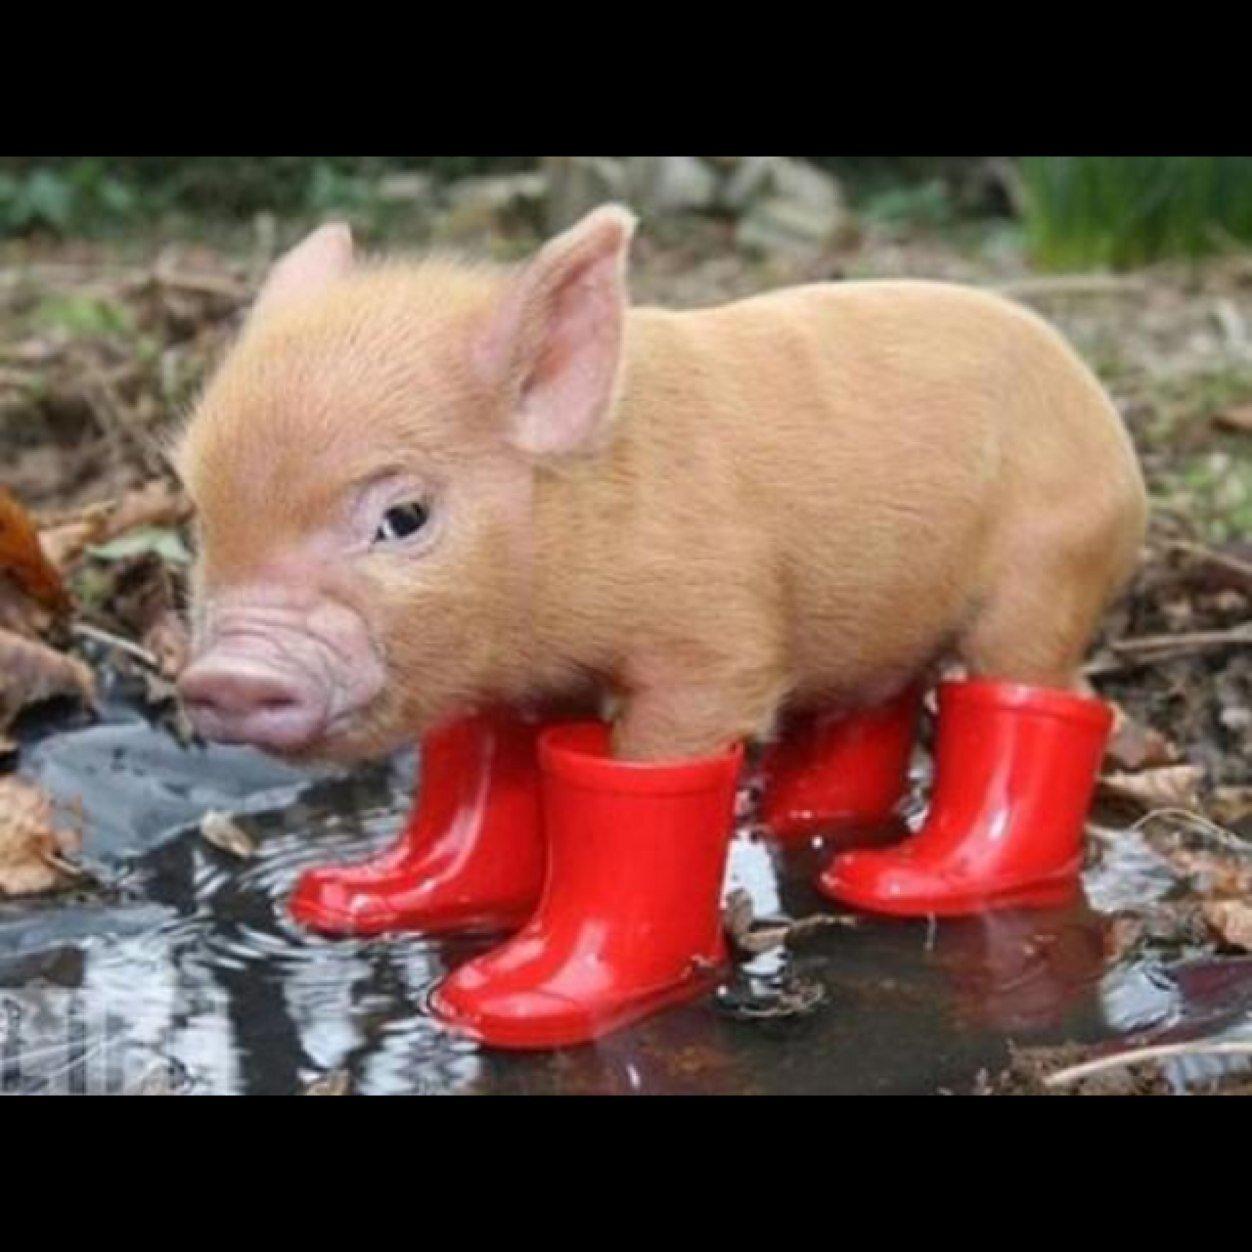 長靴をはいた豚の赤ちゃん